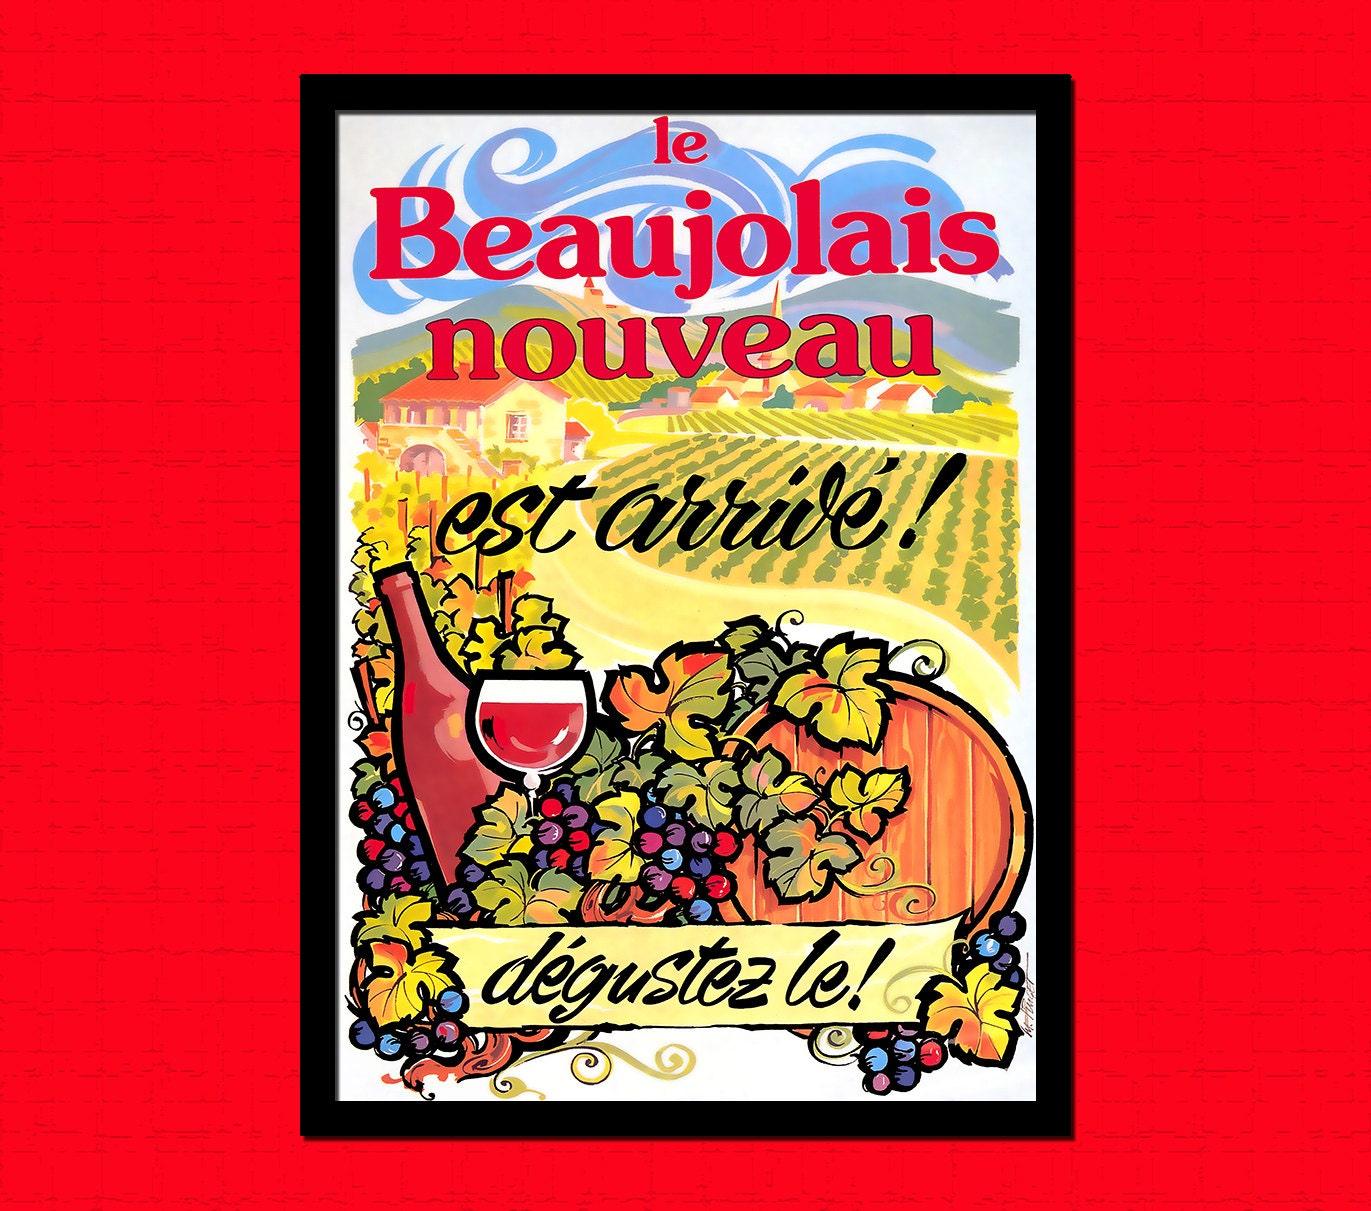 Wein-Poster der neue Beaujolais Nouveau Wein Dekor Wein